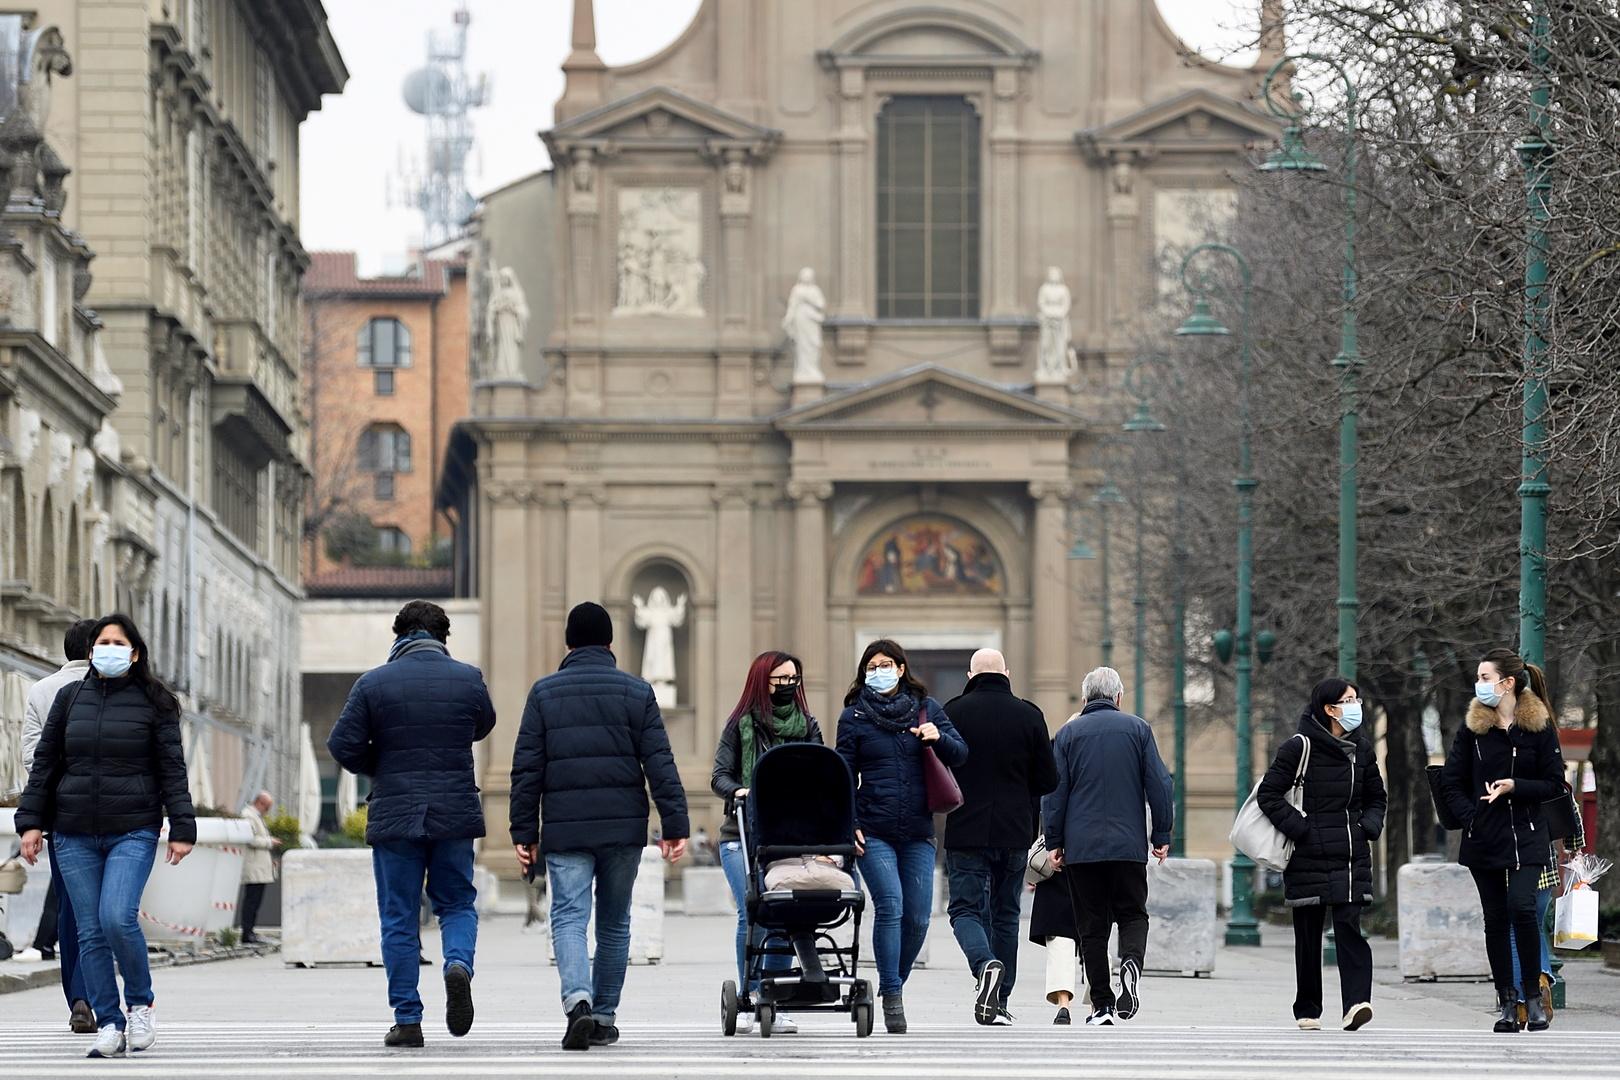 إيطاليا تسجل 838 إصابة و40 وفاة جديدة بكورونا